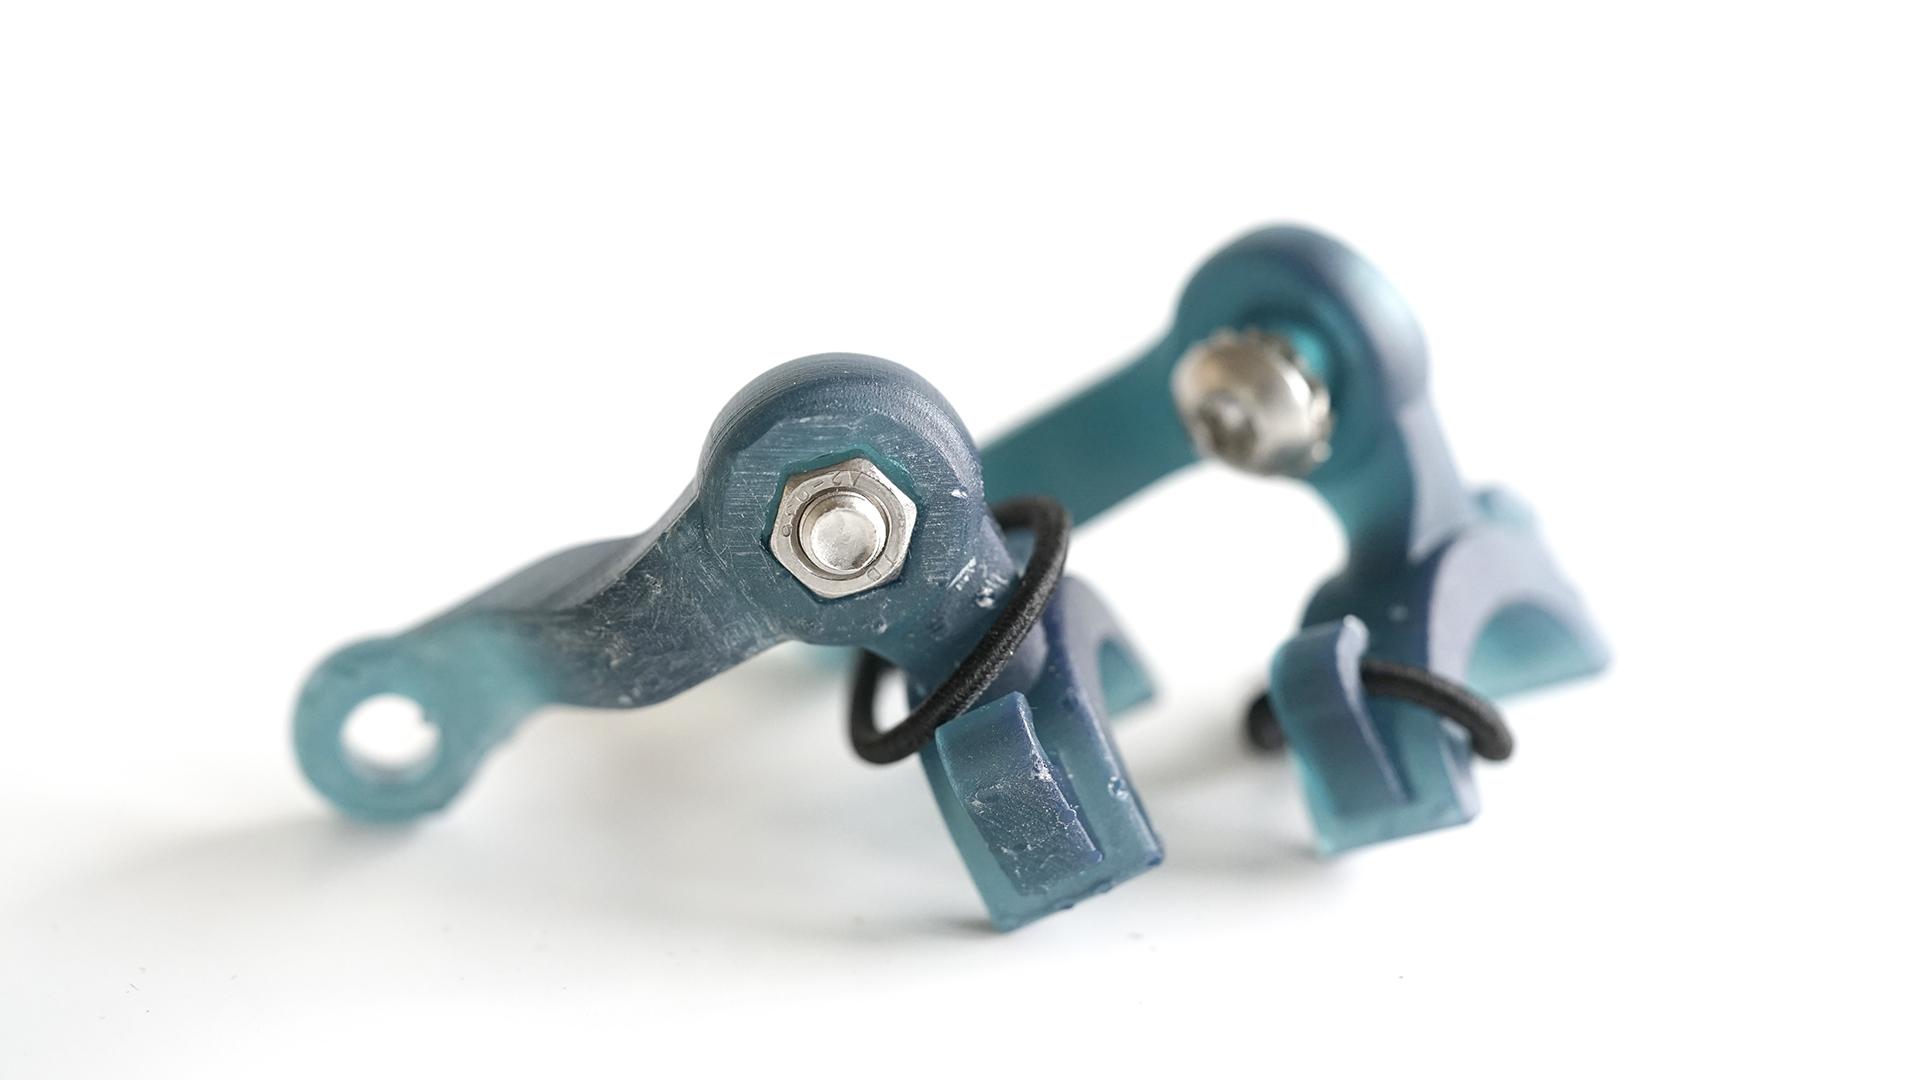 Bauteile gedruckt in türkisem schlagzähem Funkionsharz mit vormontierten Normalien